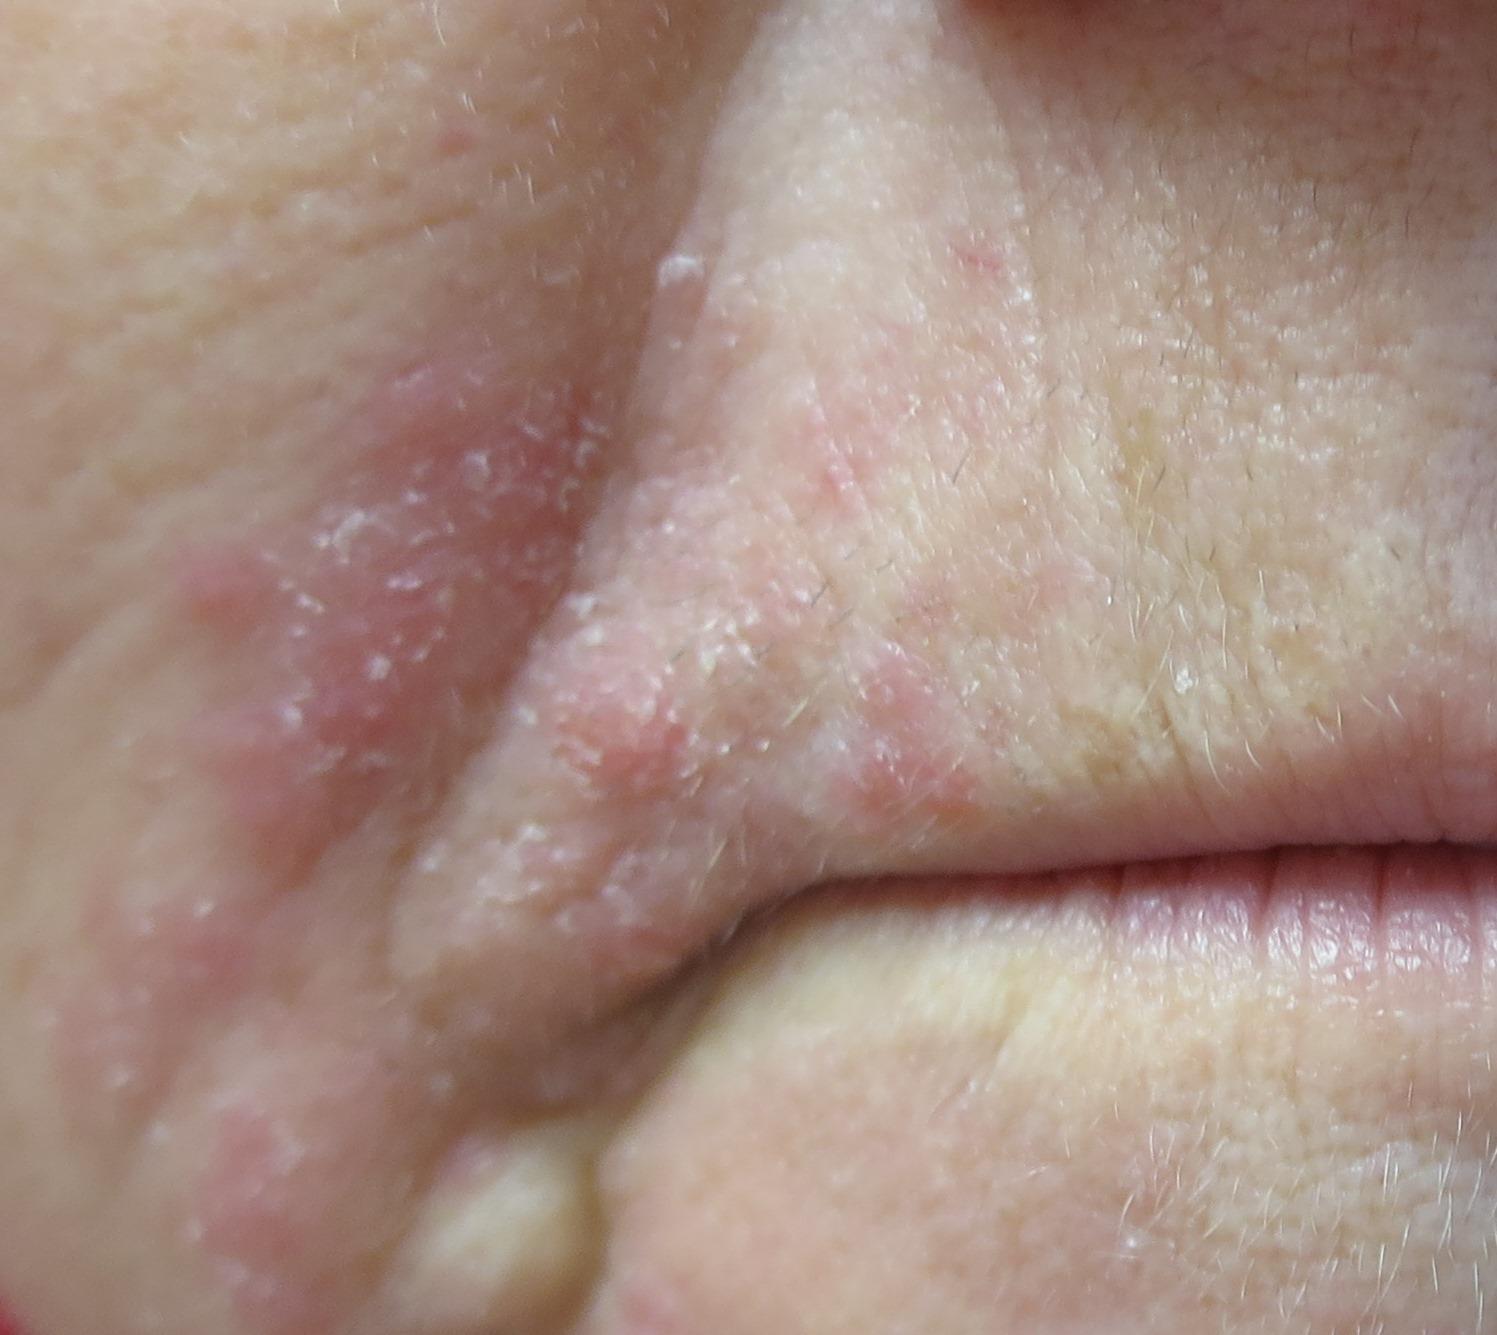 Les lésions cutanées le psoriasis le traitement de la photo